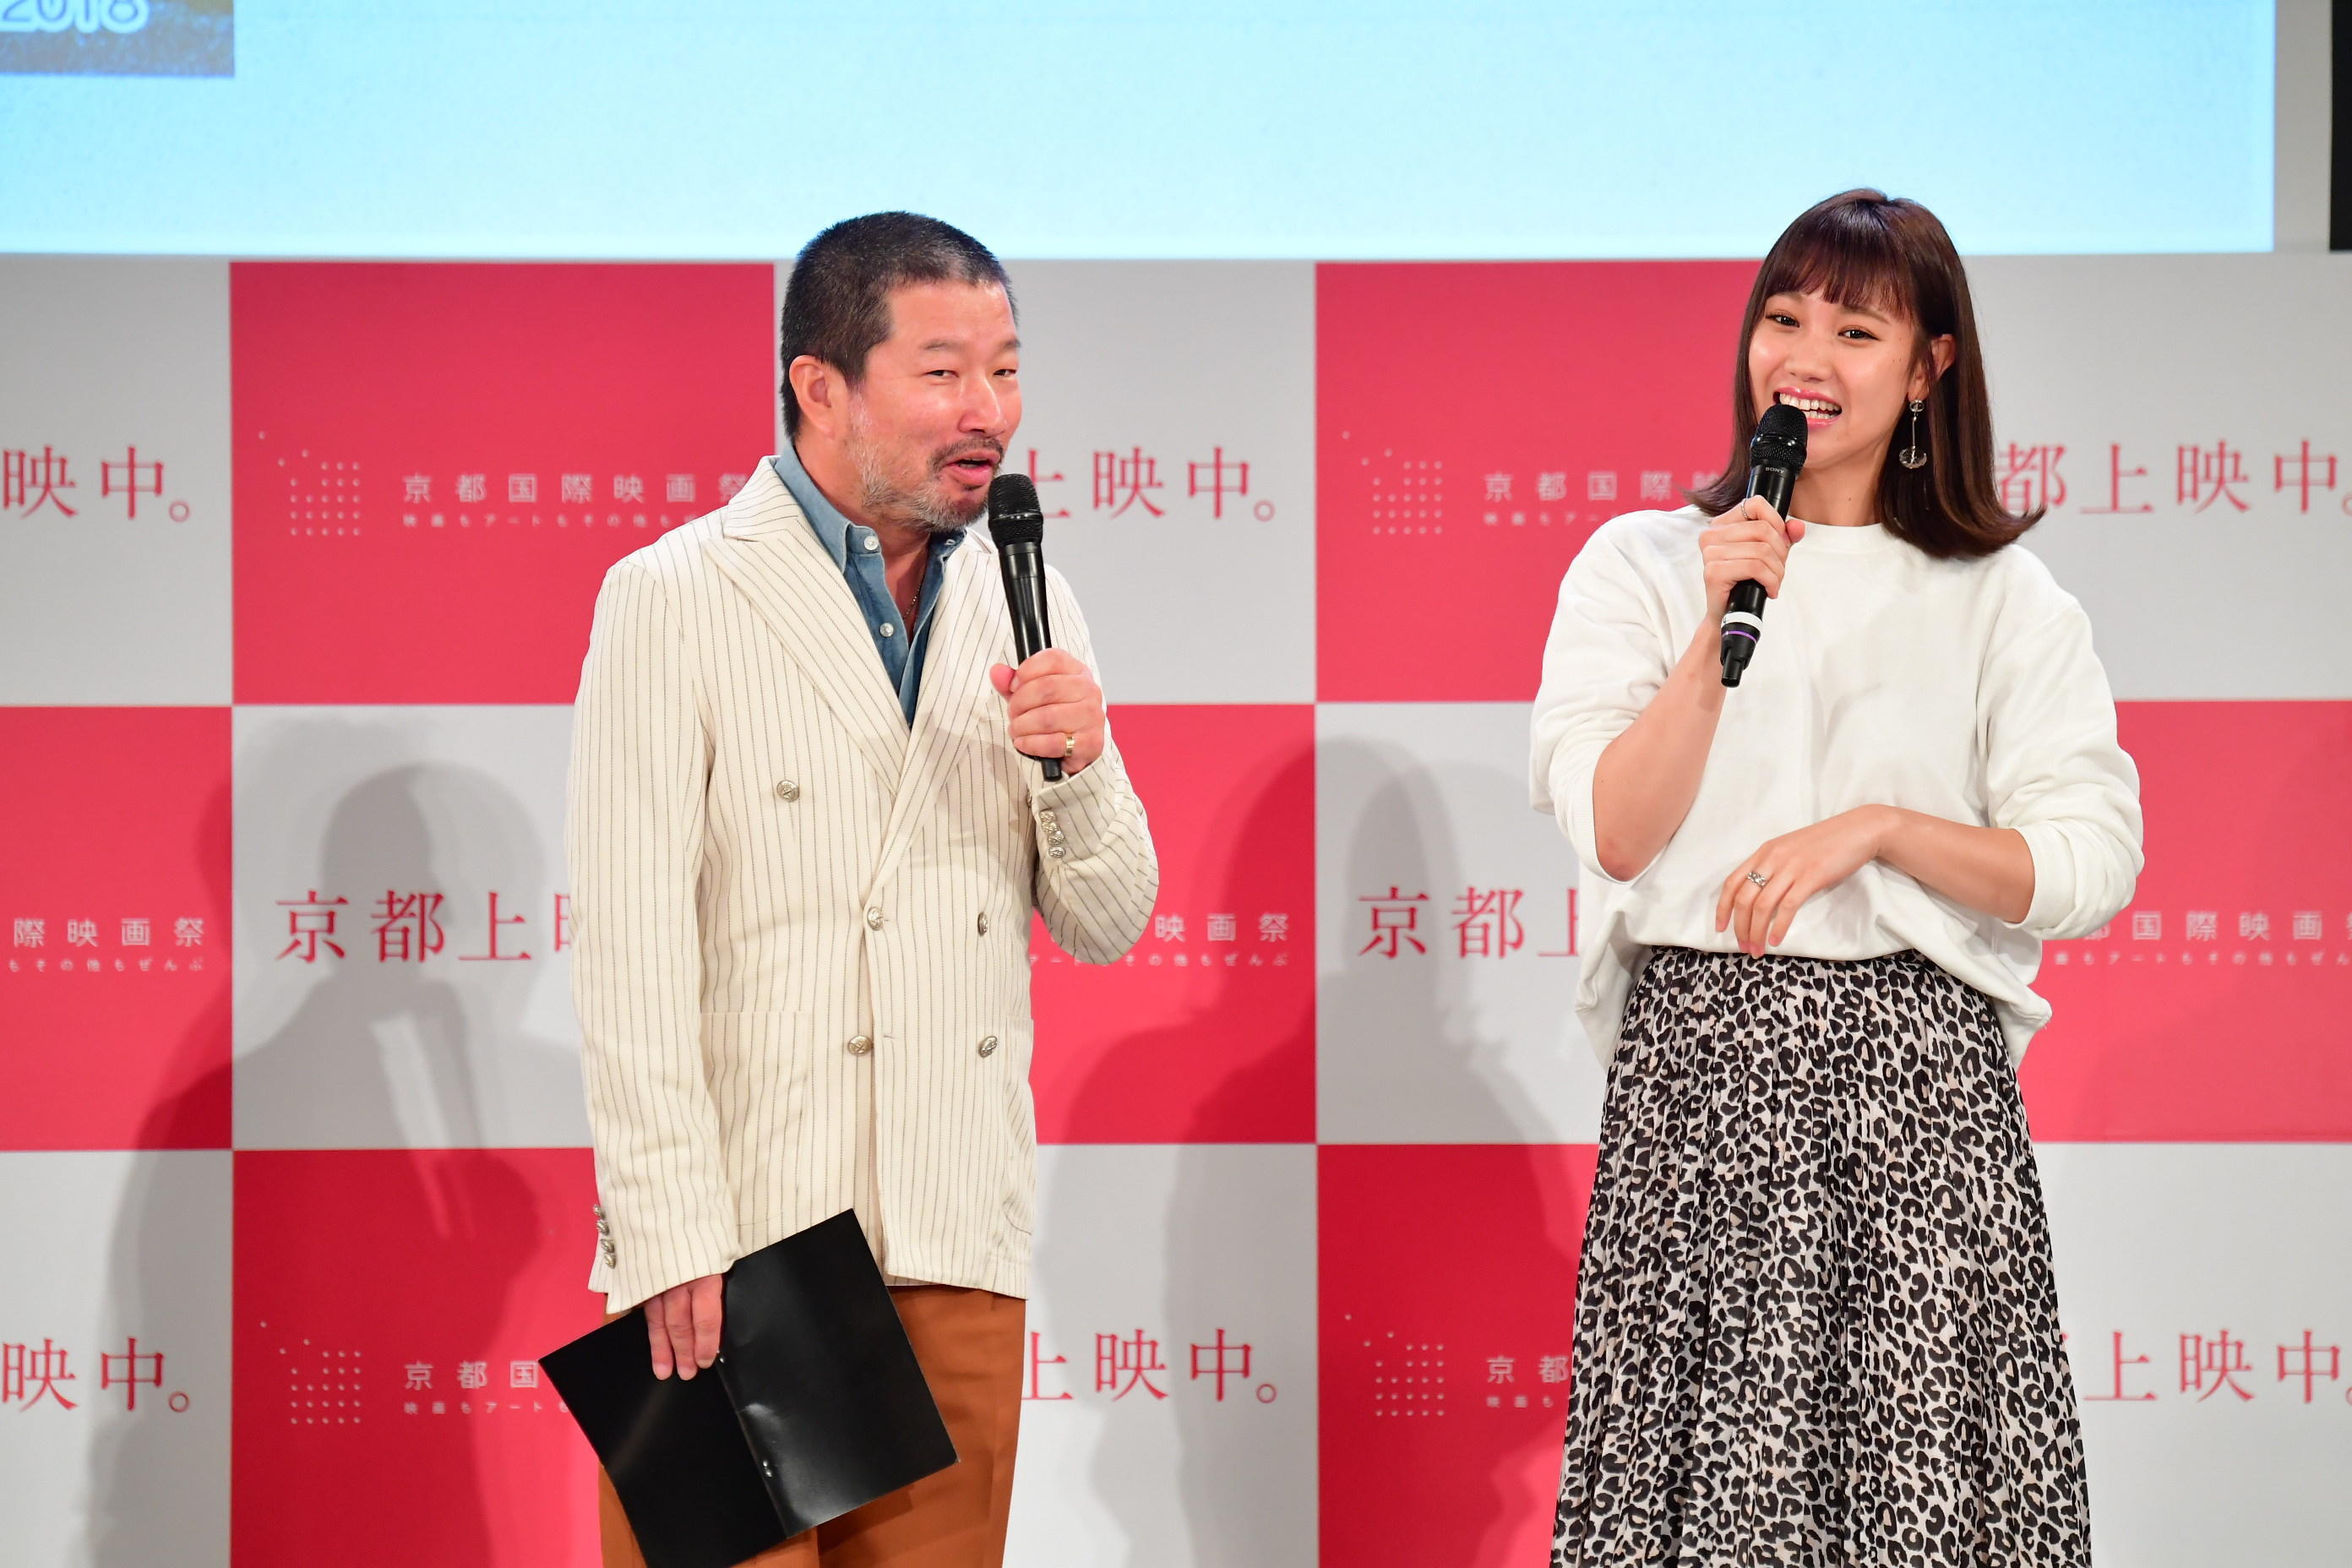 http://news.yoshimoto.co.jp/20180903233533-5537b052caf25240f5ef16dd4017f0f9c00e8a6e.jpg